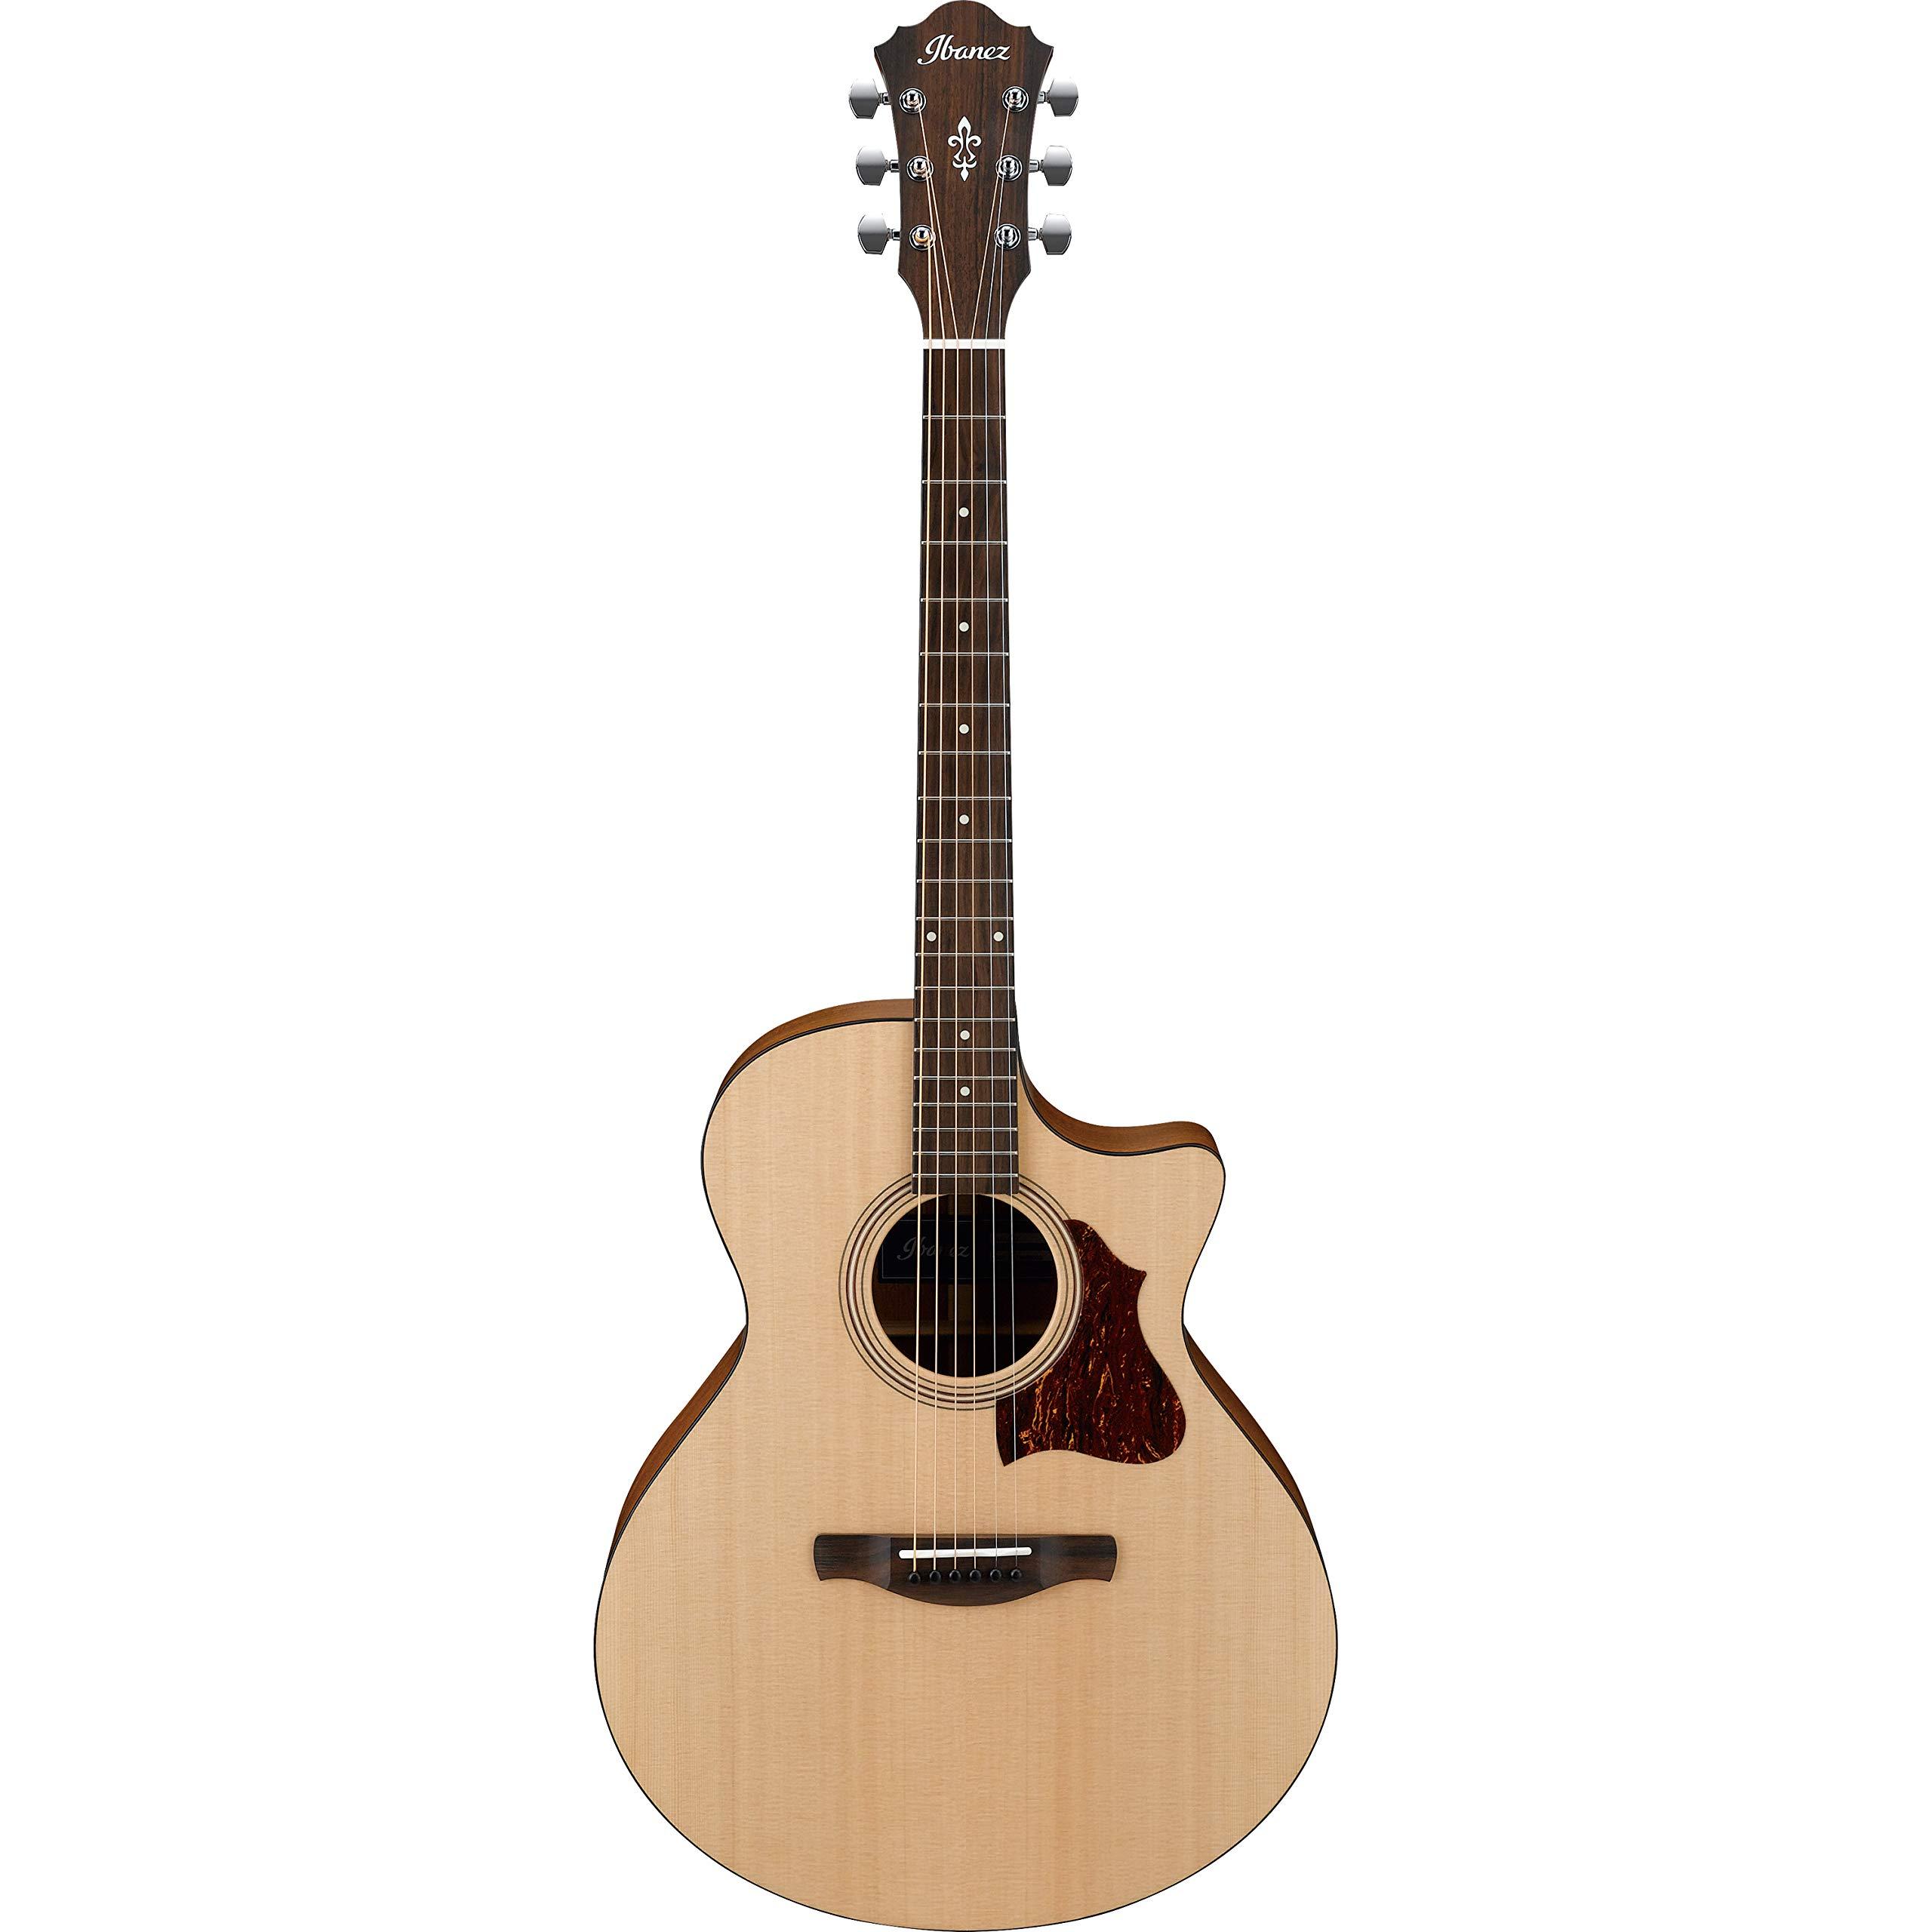 Ibanez AE1 LG · Guitarra acústica: Amazon.es: Instrumentos musicales